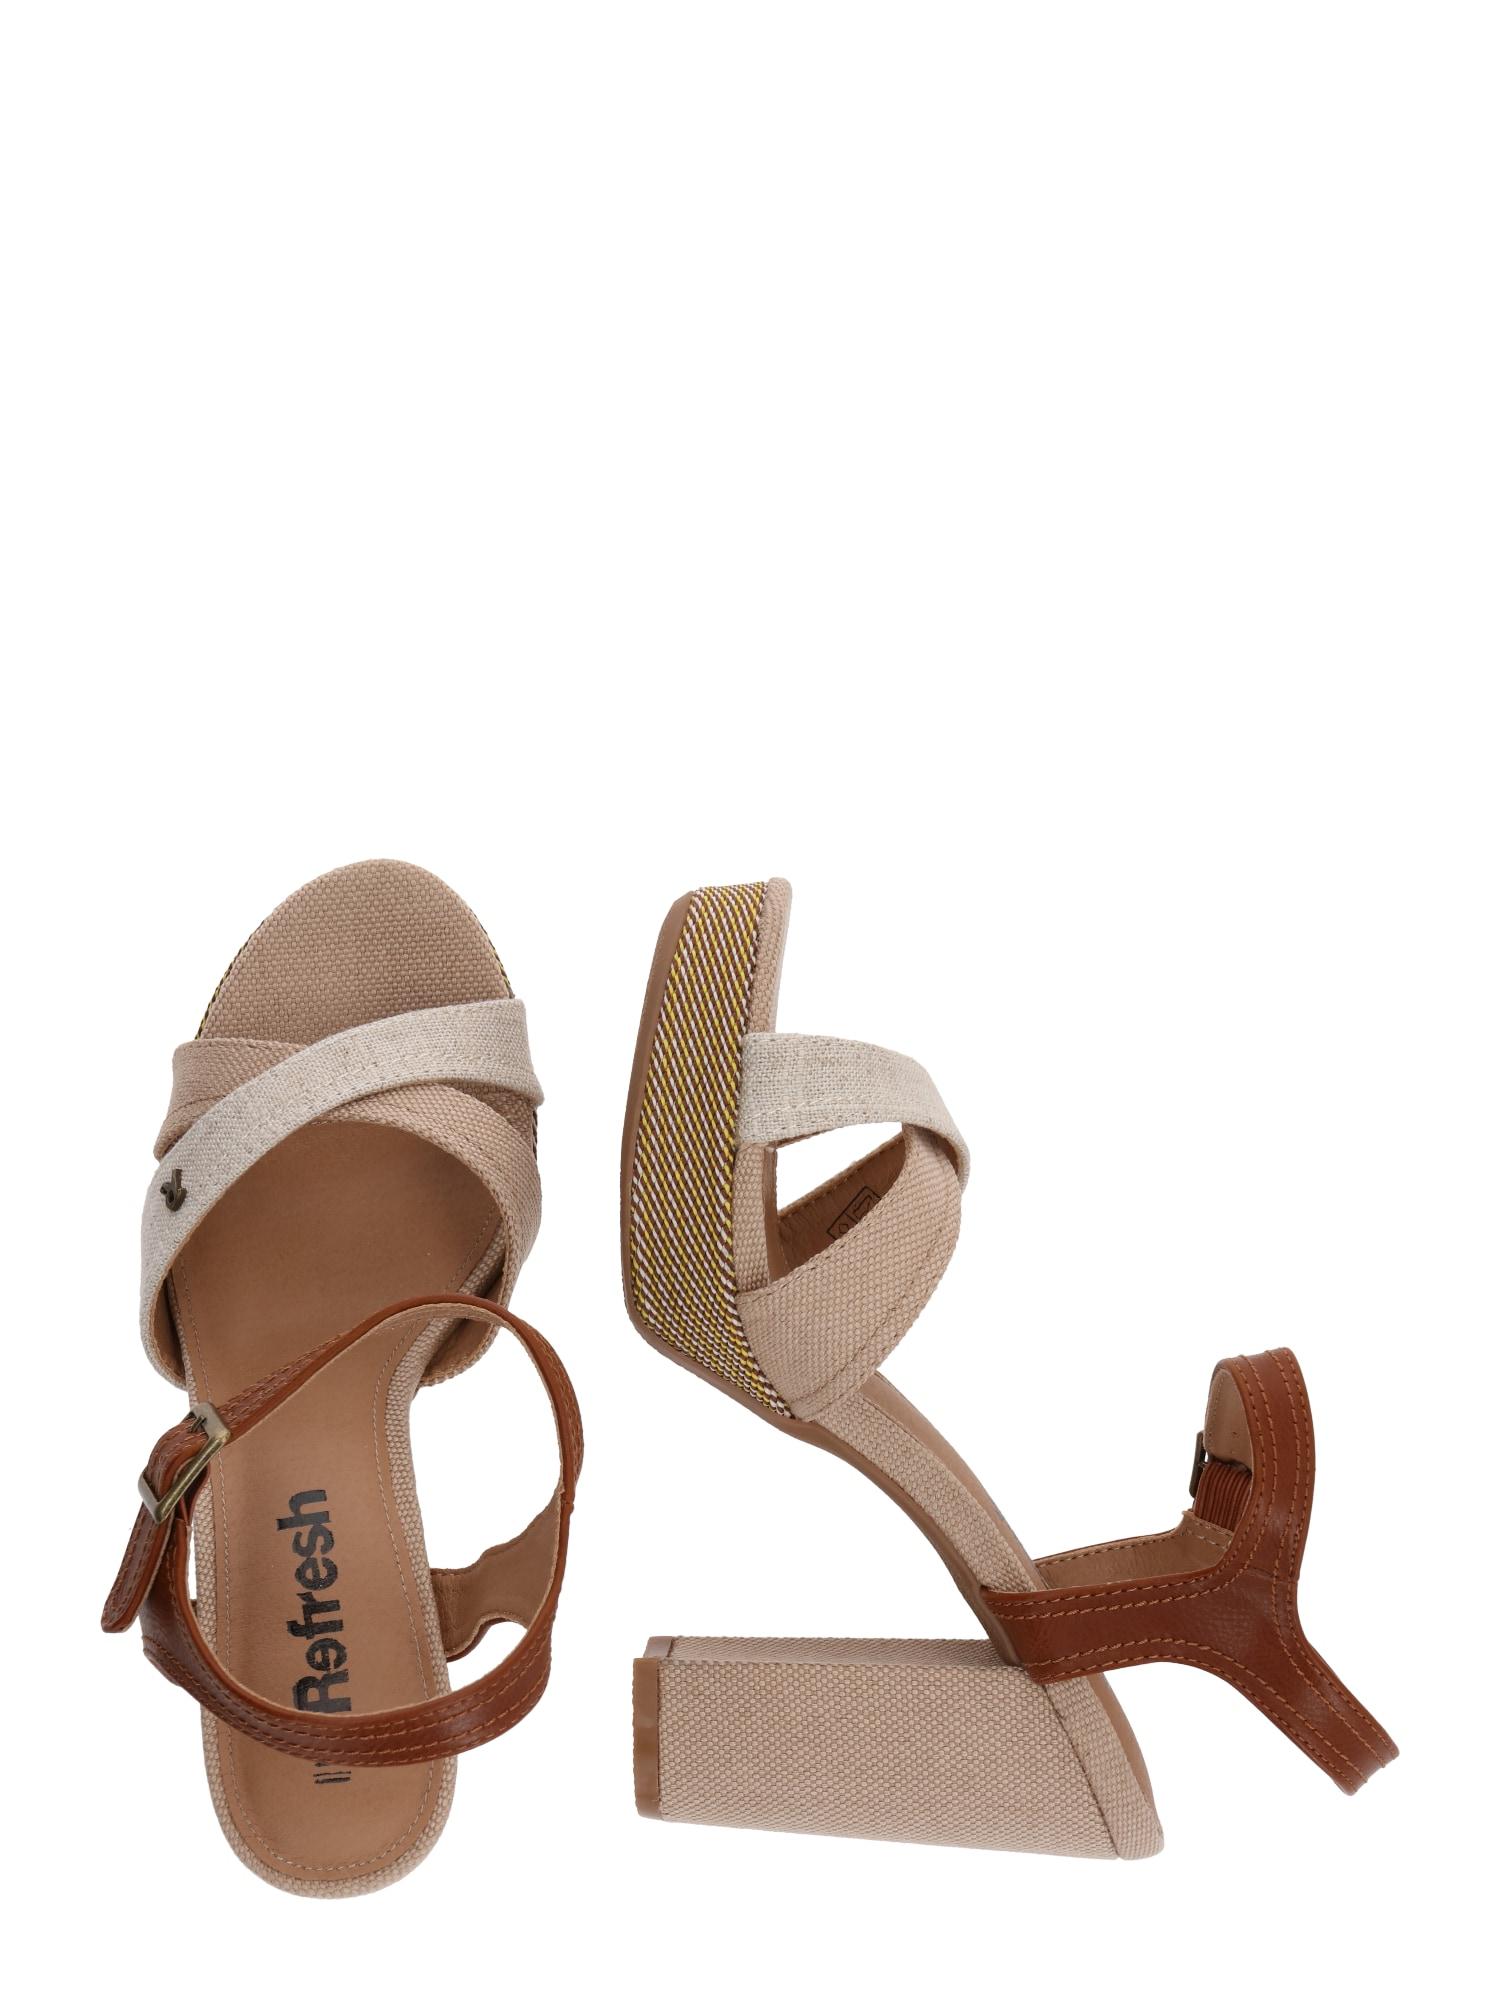 refresh - Sandalette